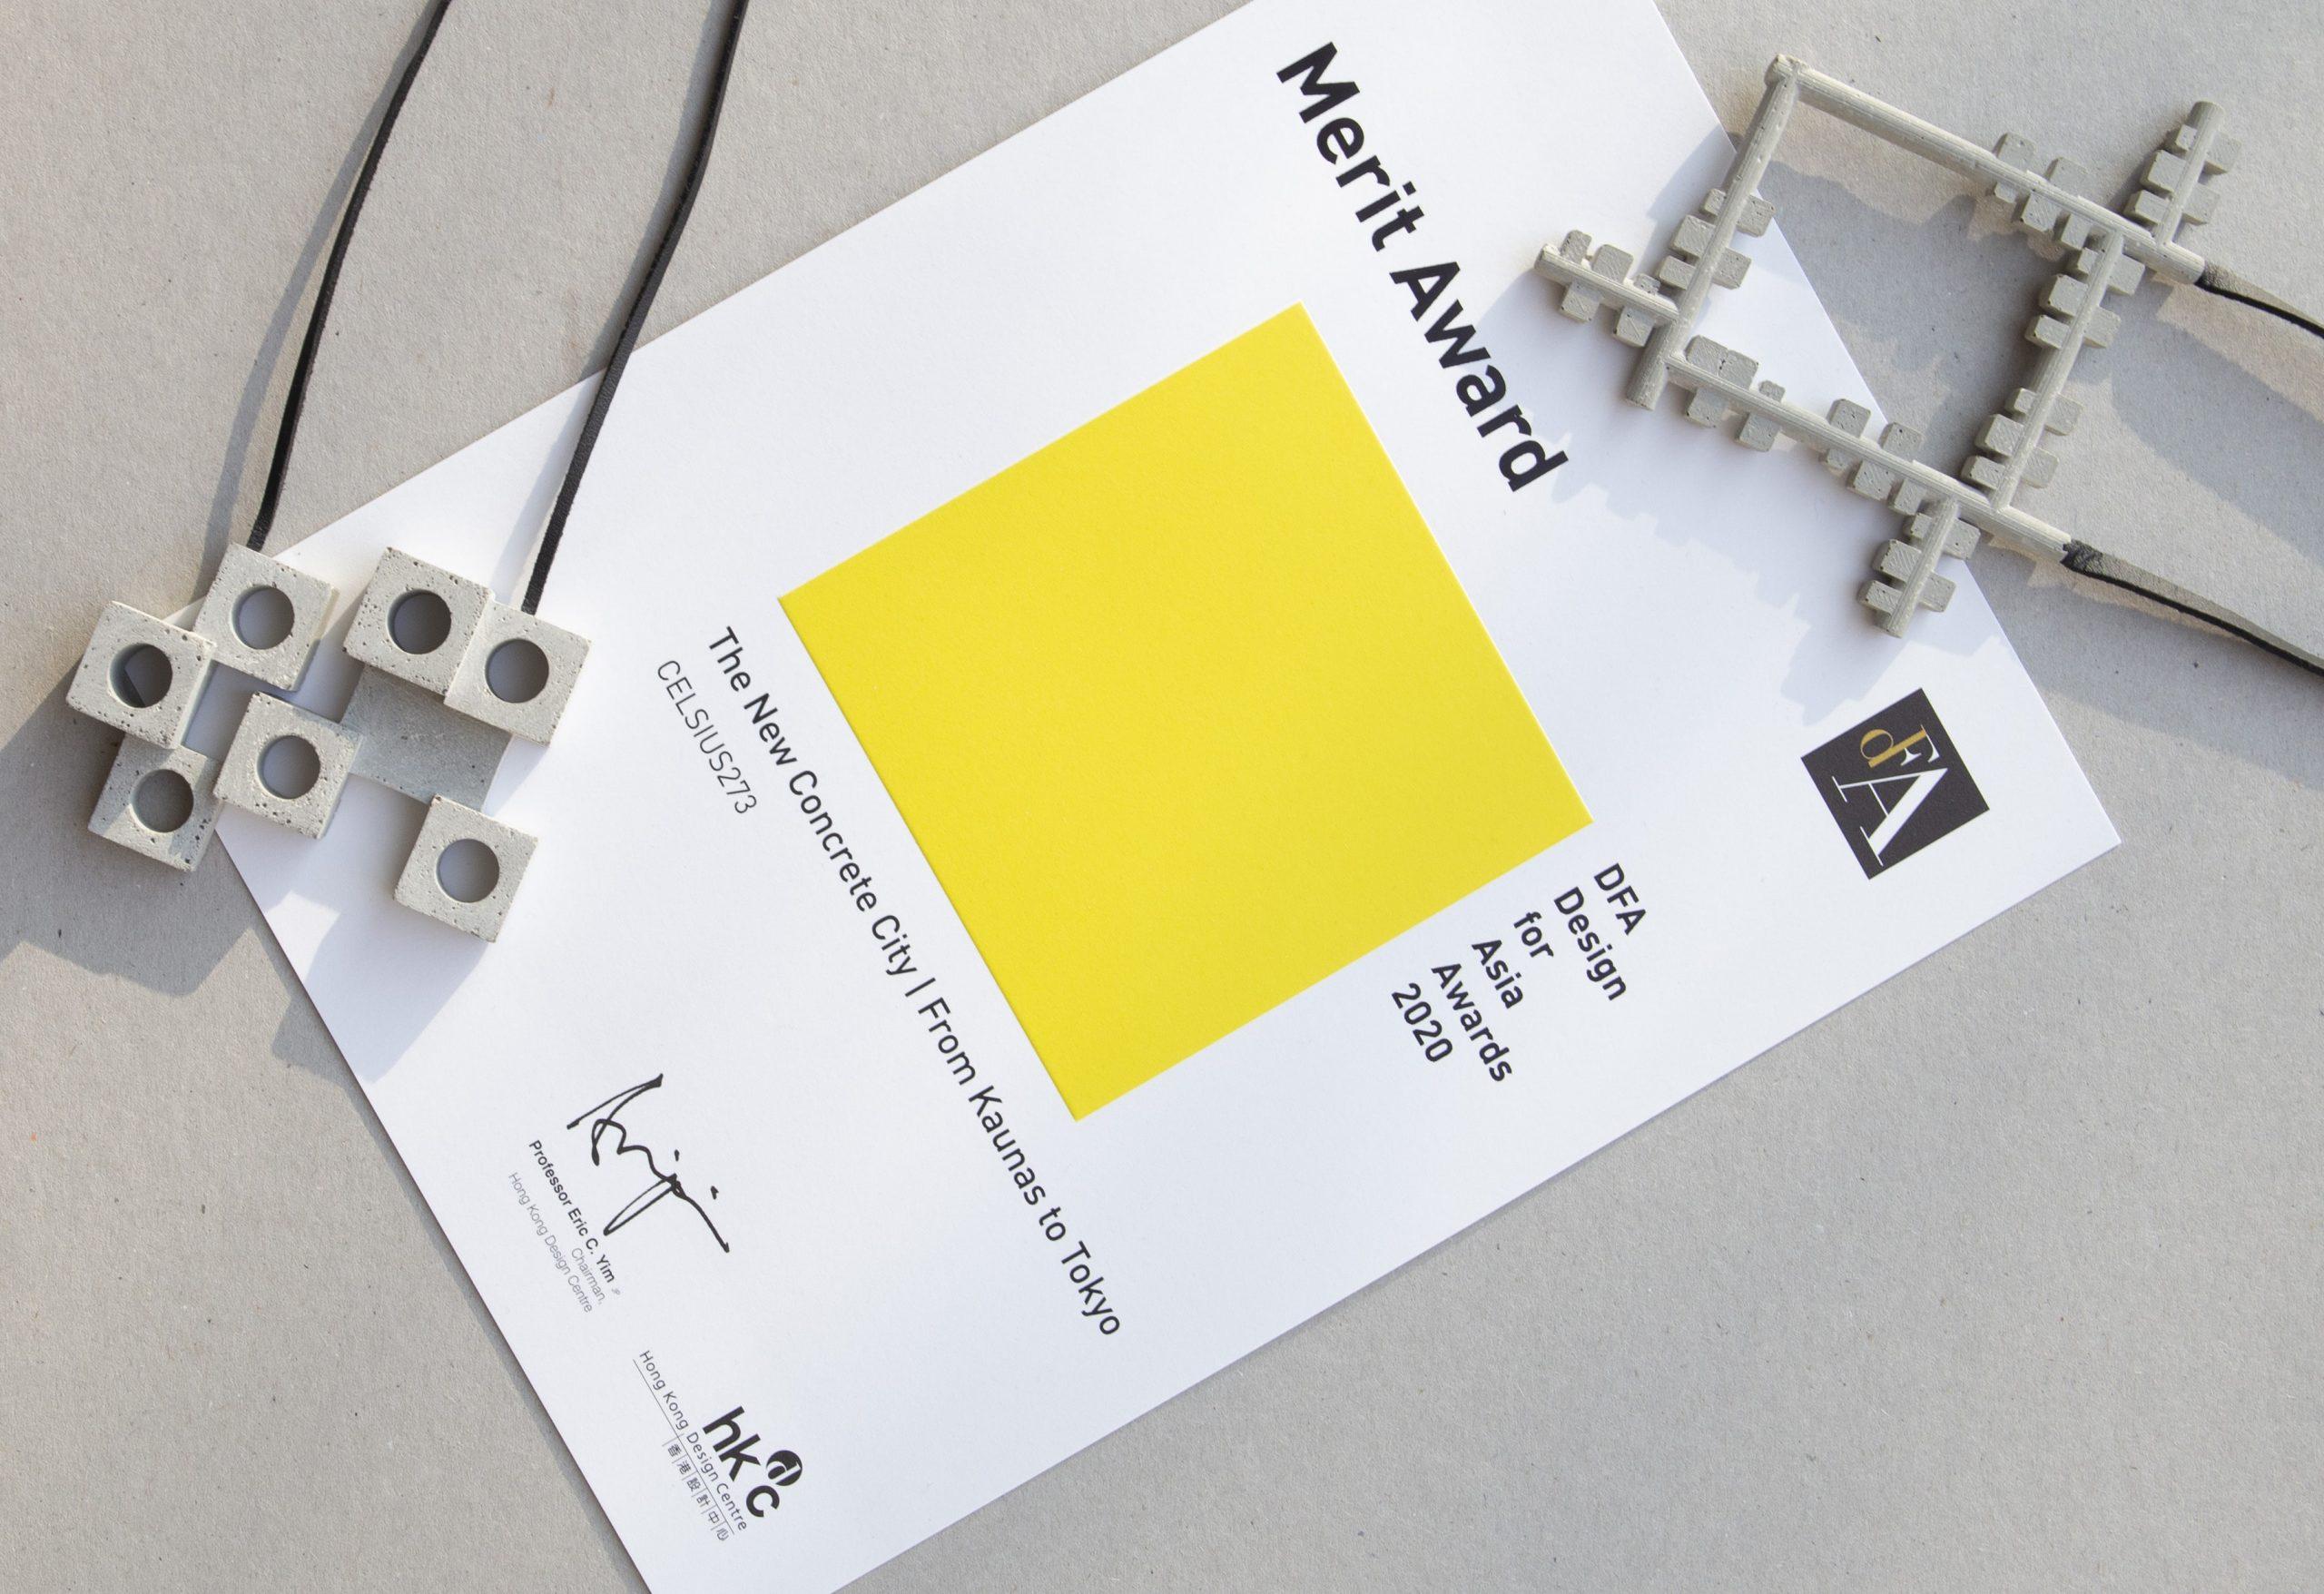 """Sveikiname Lietuvos dizaino forumo narę Gerdą Liudvinavičiūtę su 4 vietos laimėjimu """"DFA Design for Asia"""" parodoje"""